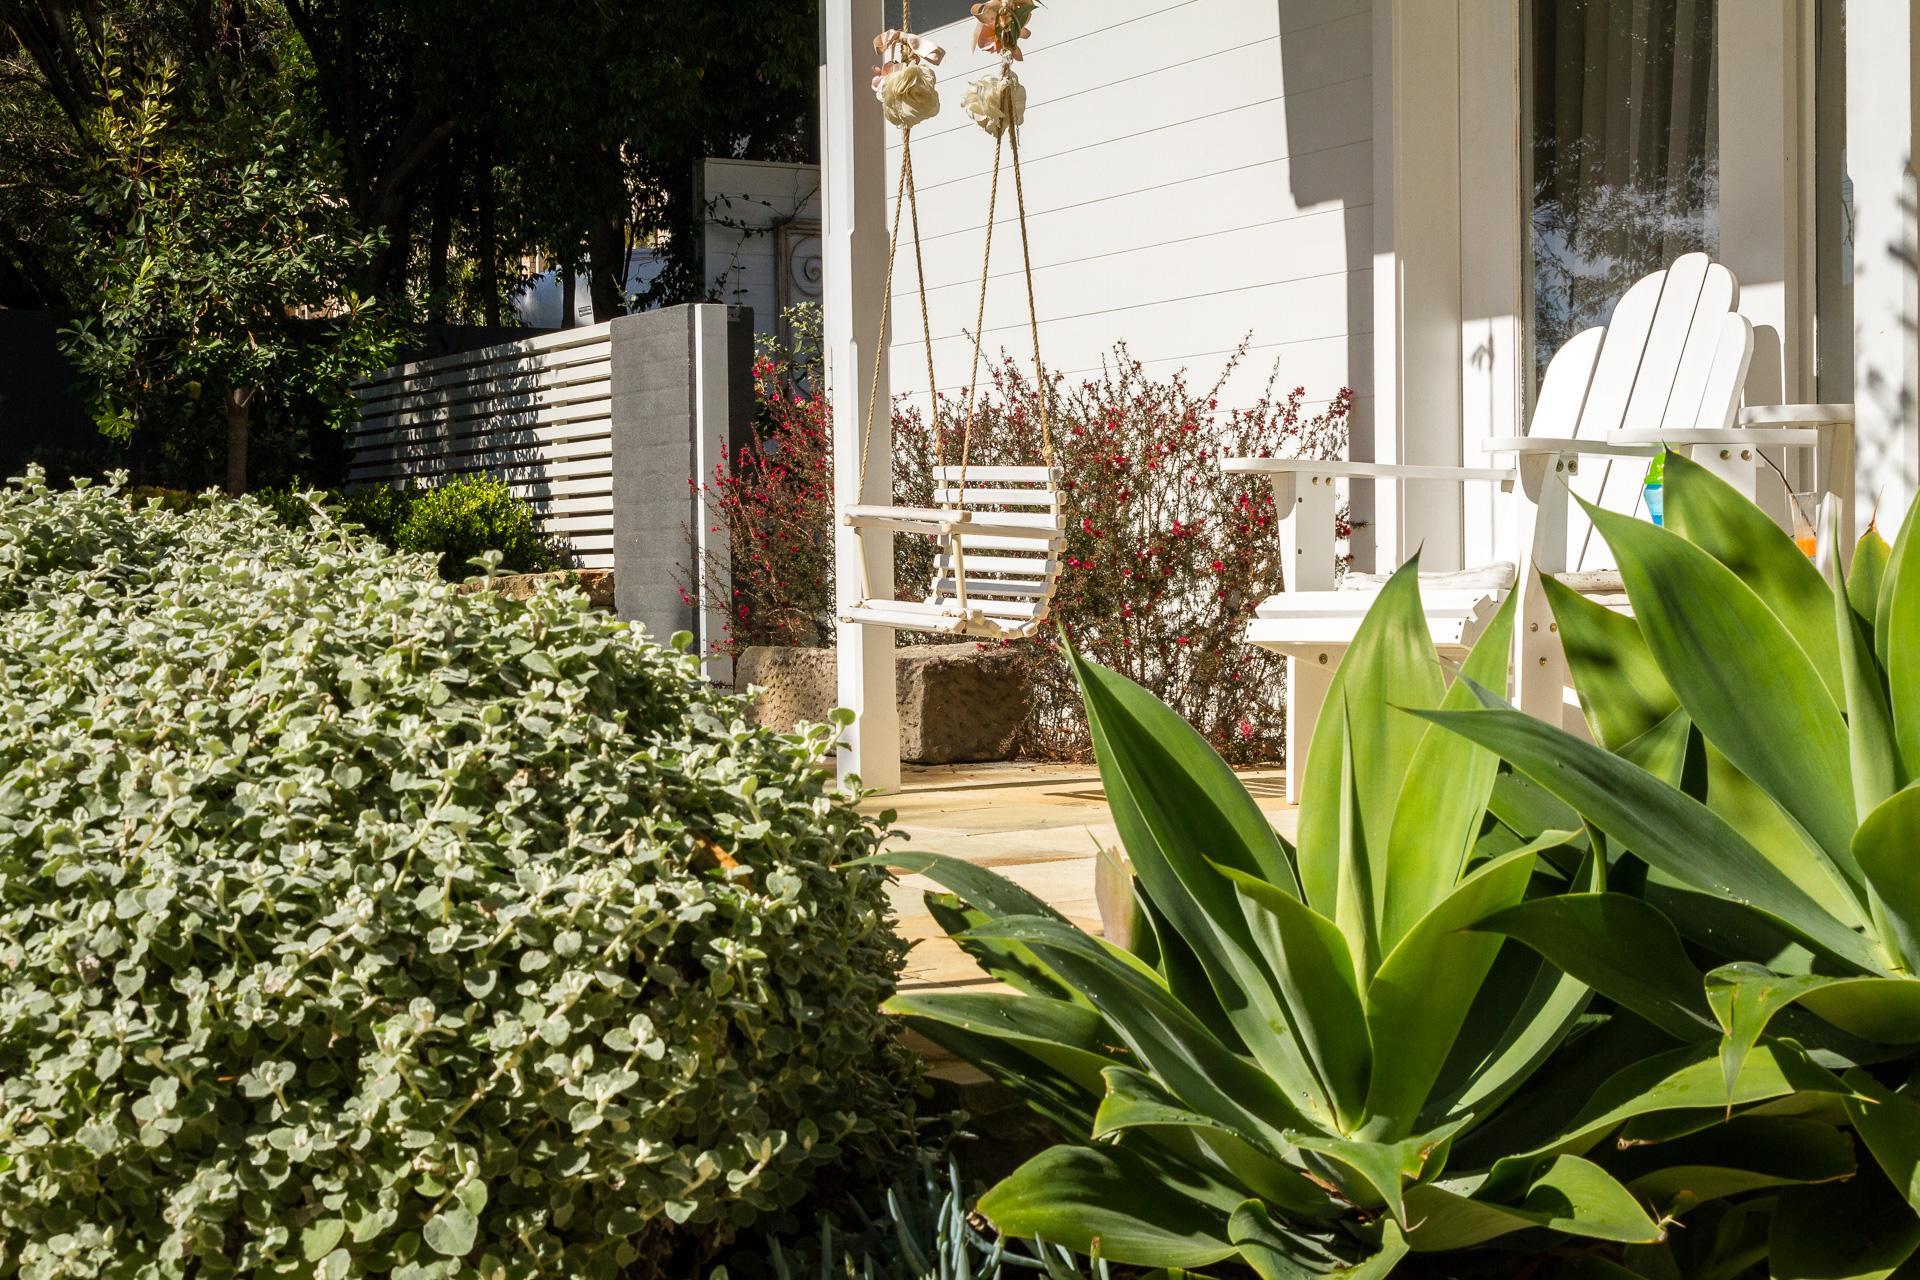 cronulla_residential_garden_design 17.jpg